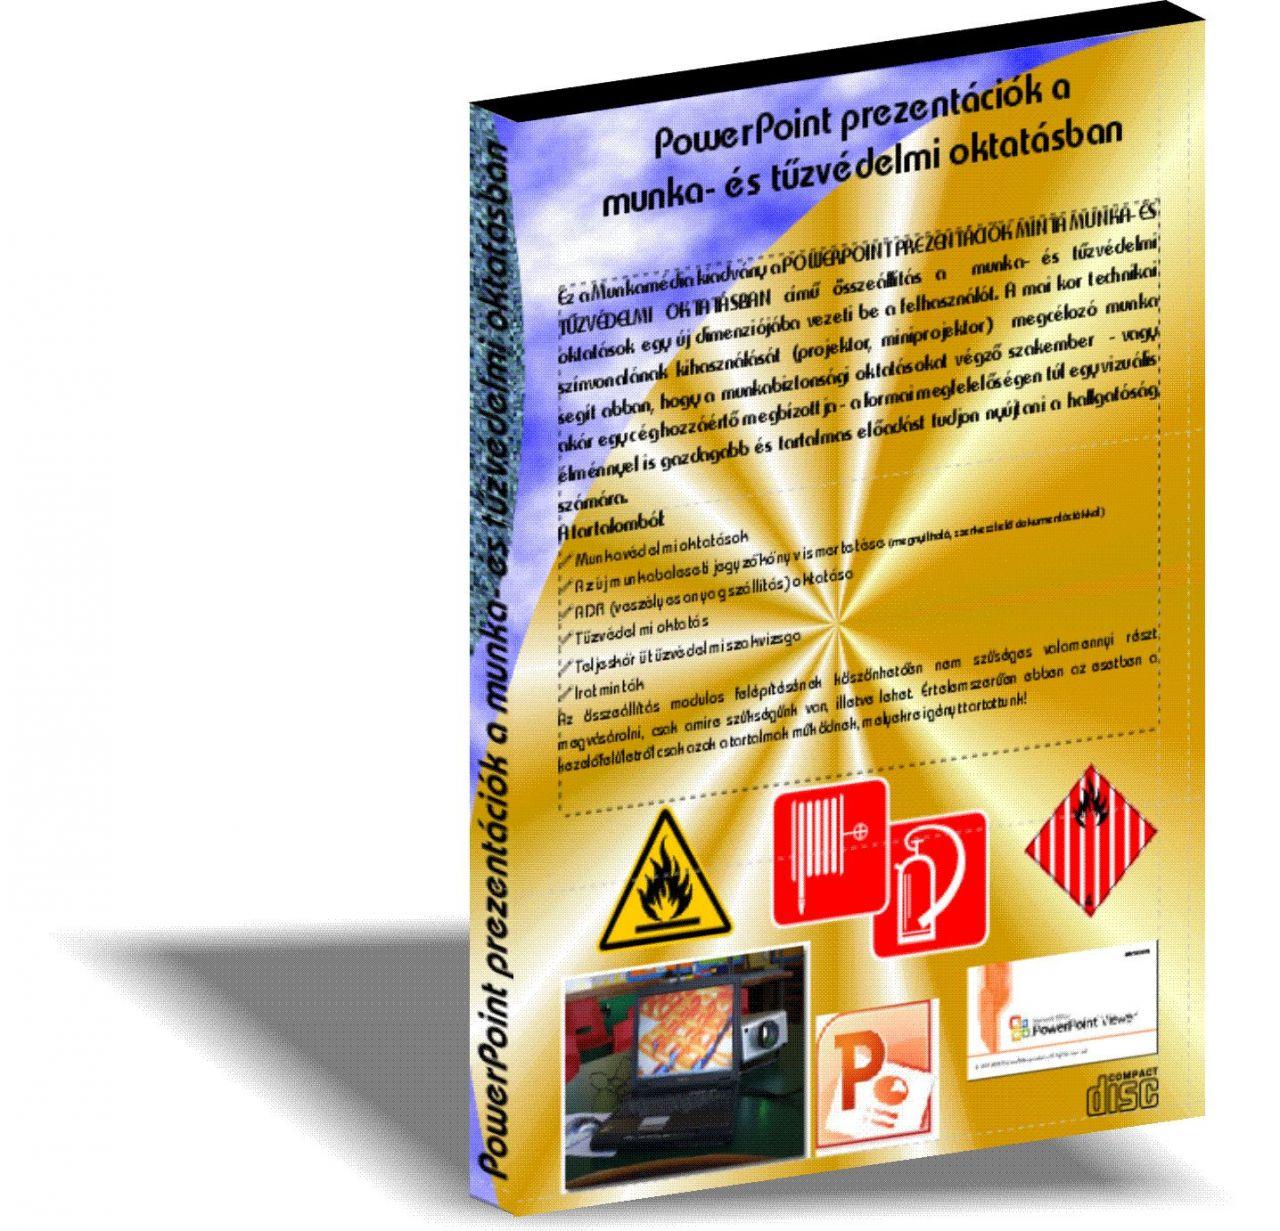 Munkavédelmi oktatás prezentációk CD